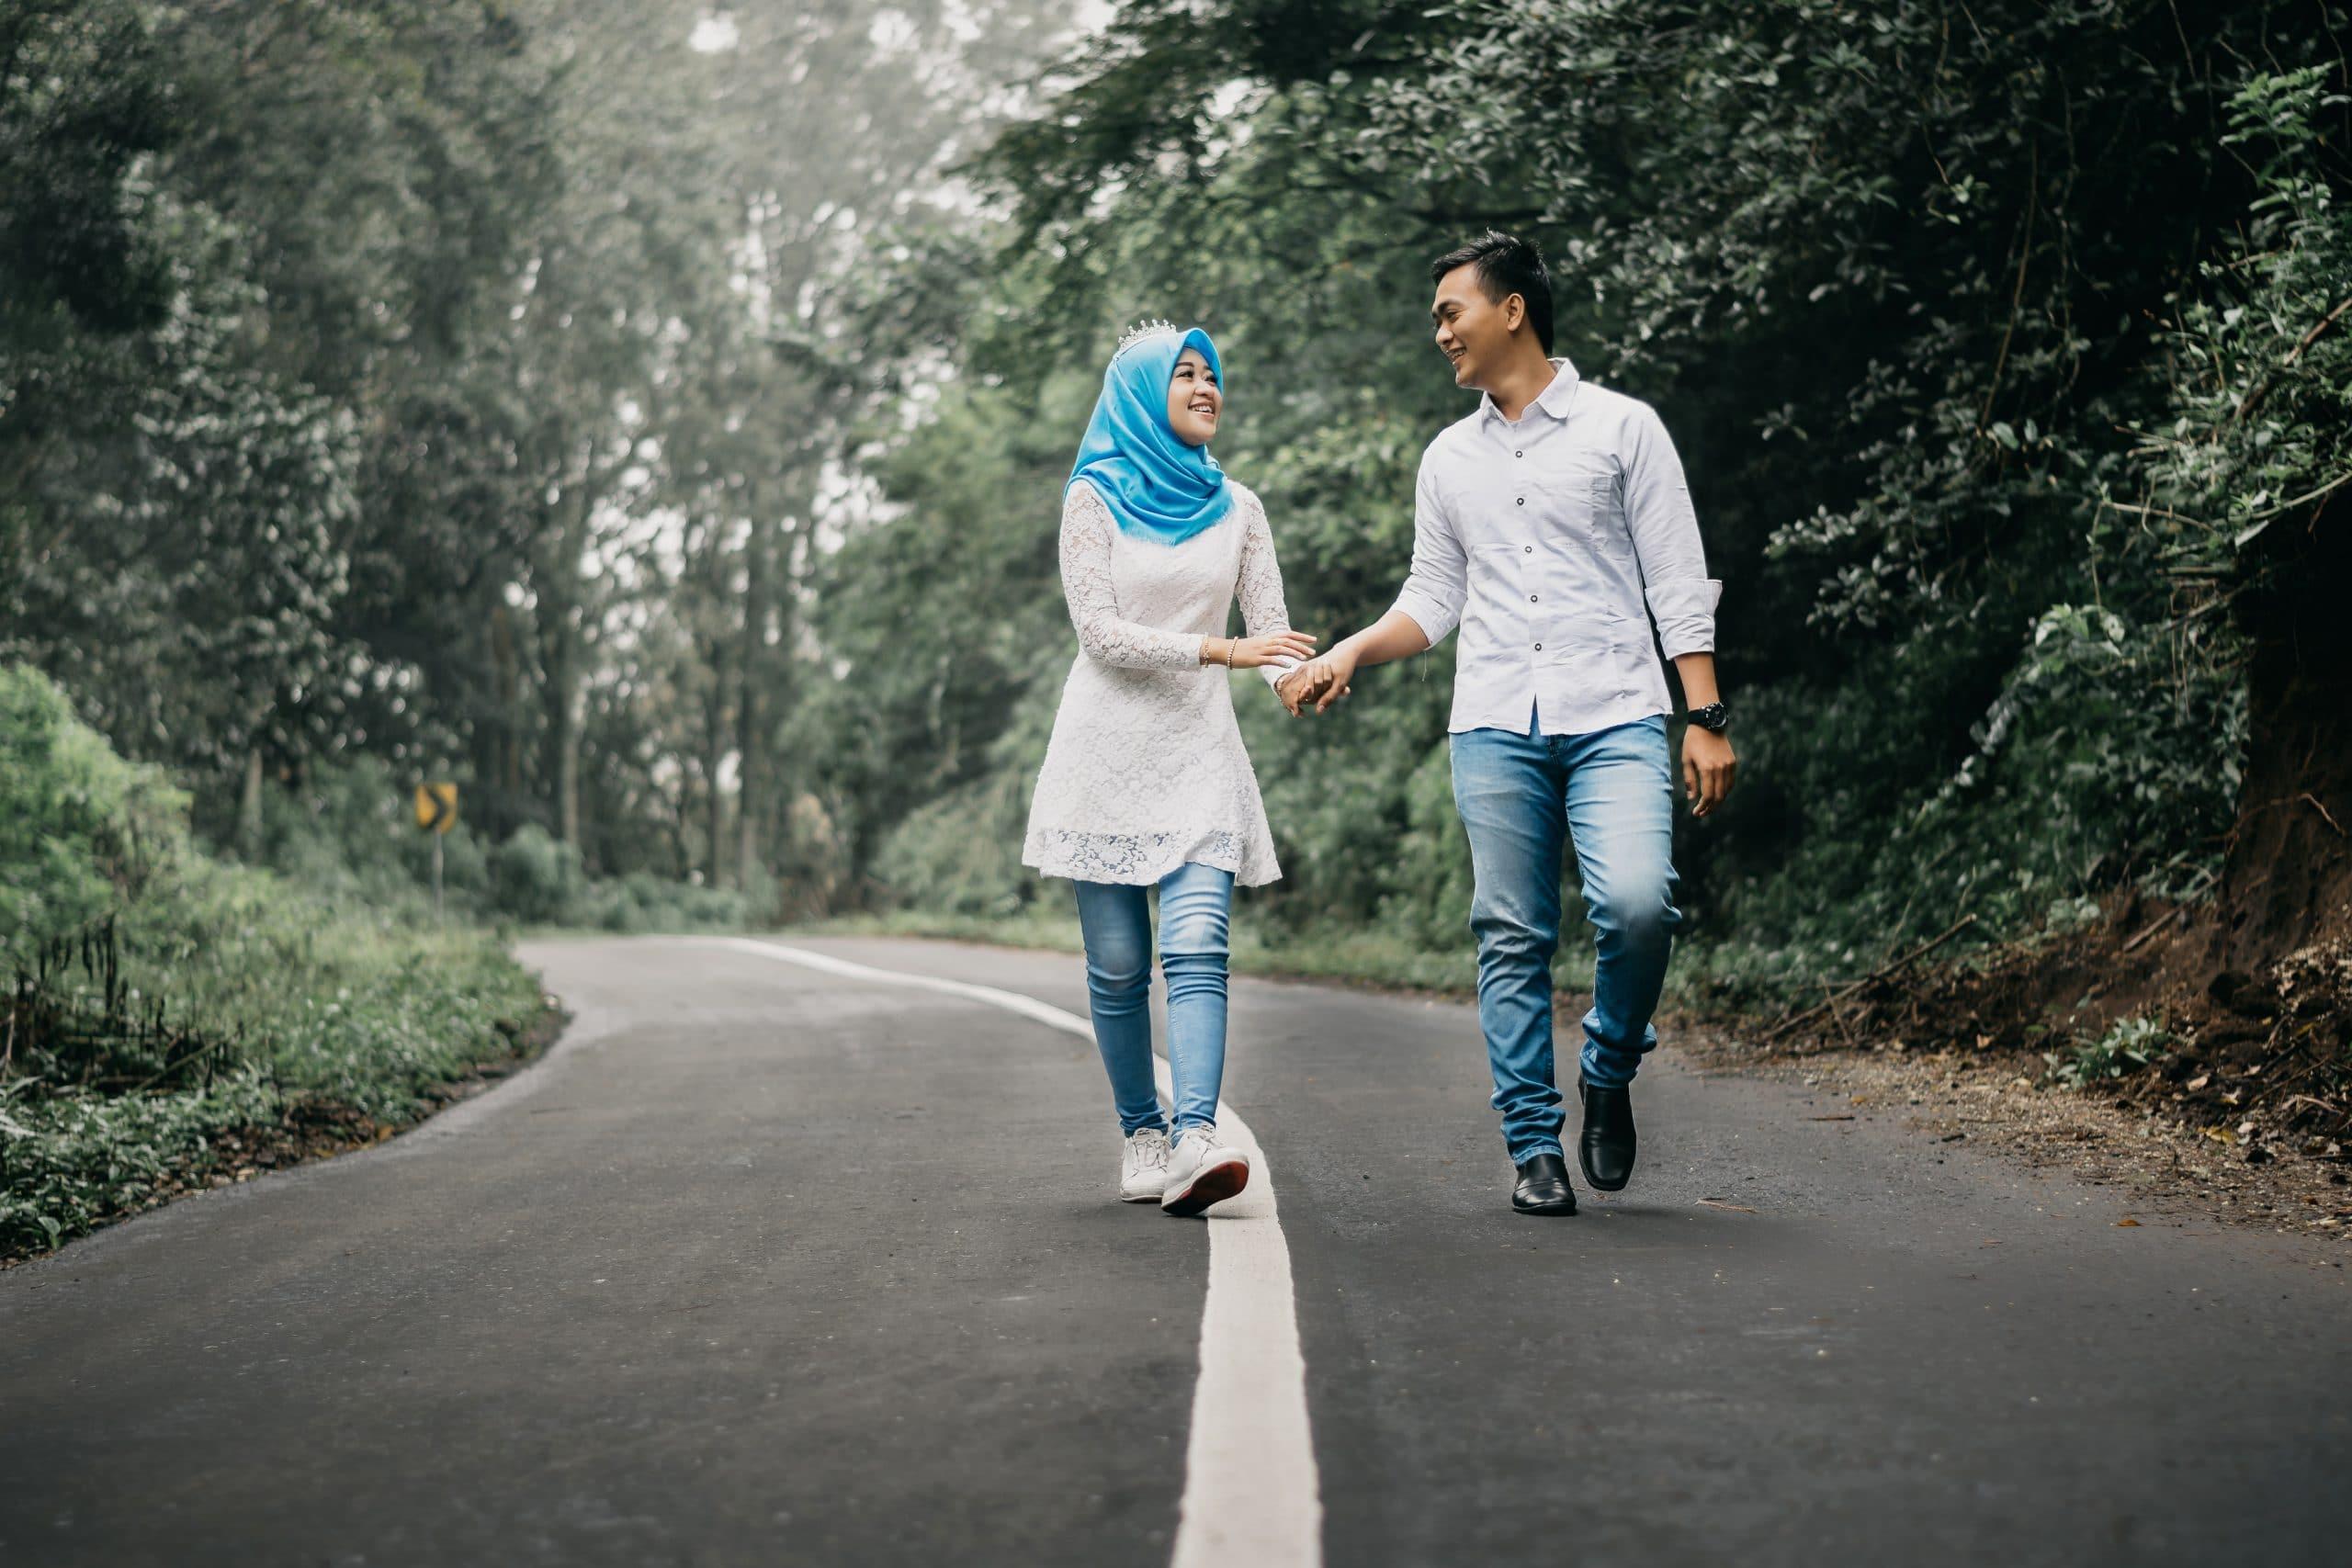 Duas pessoas se cumprimentando no meio de uma estrada. Uma delas usa uma burca.